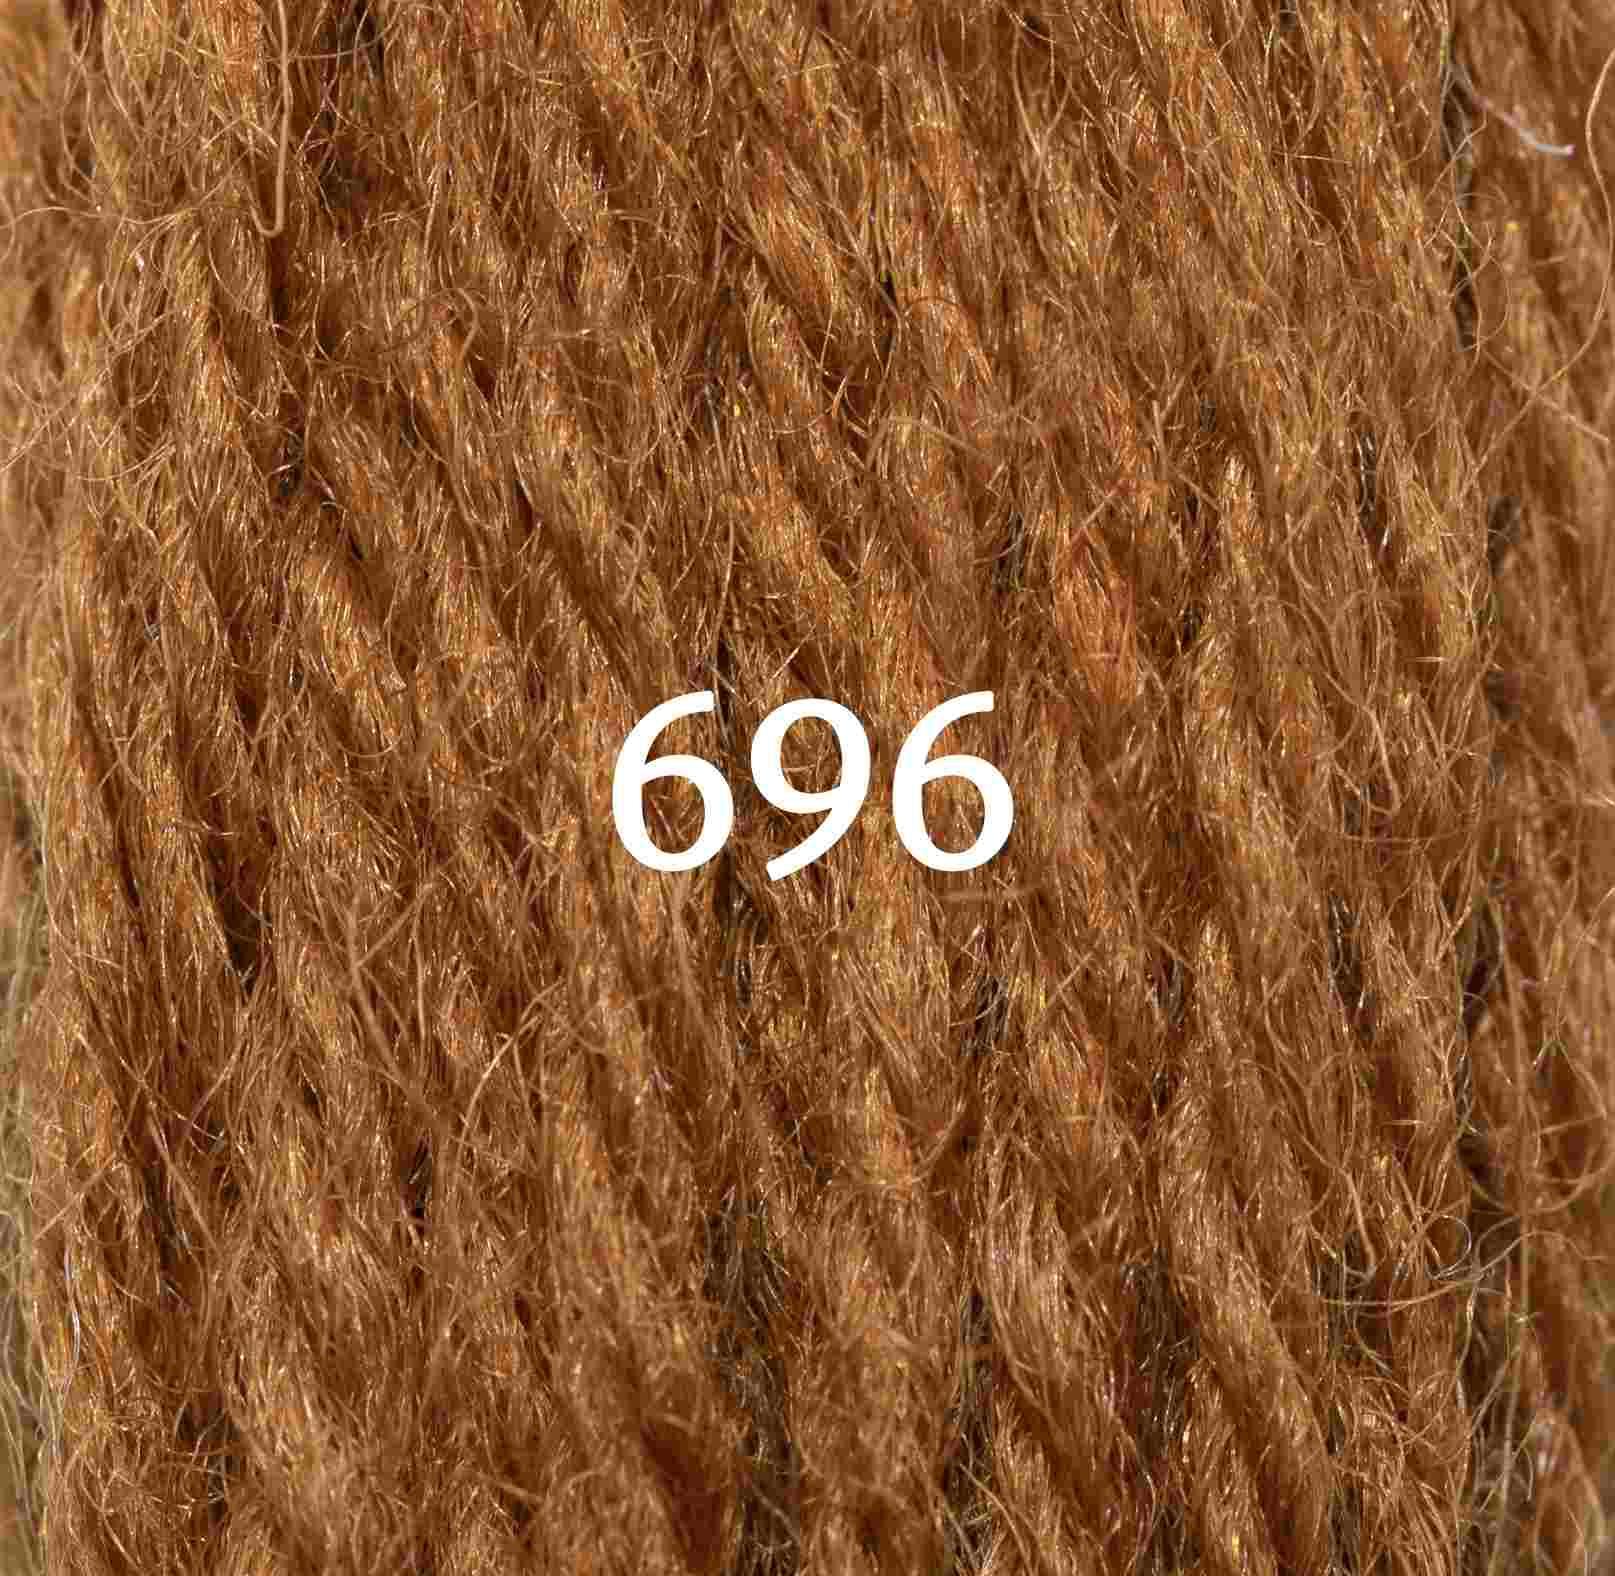 Honeysuckle-Yellow-696